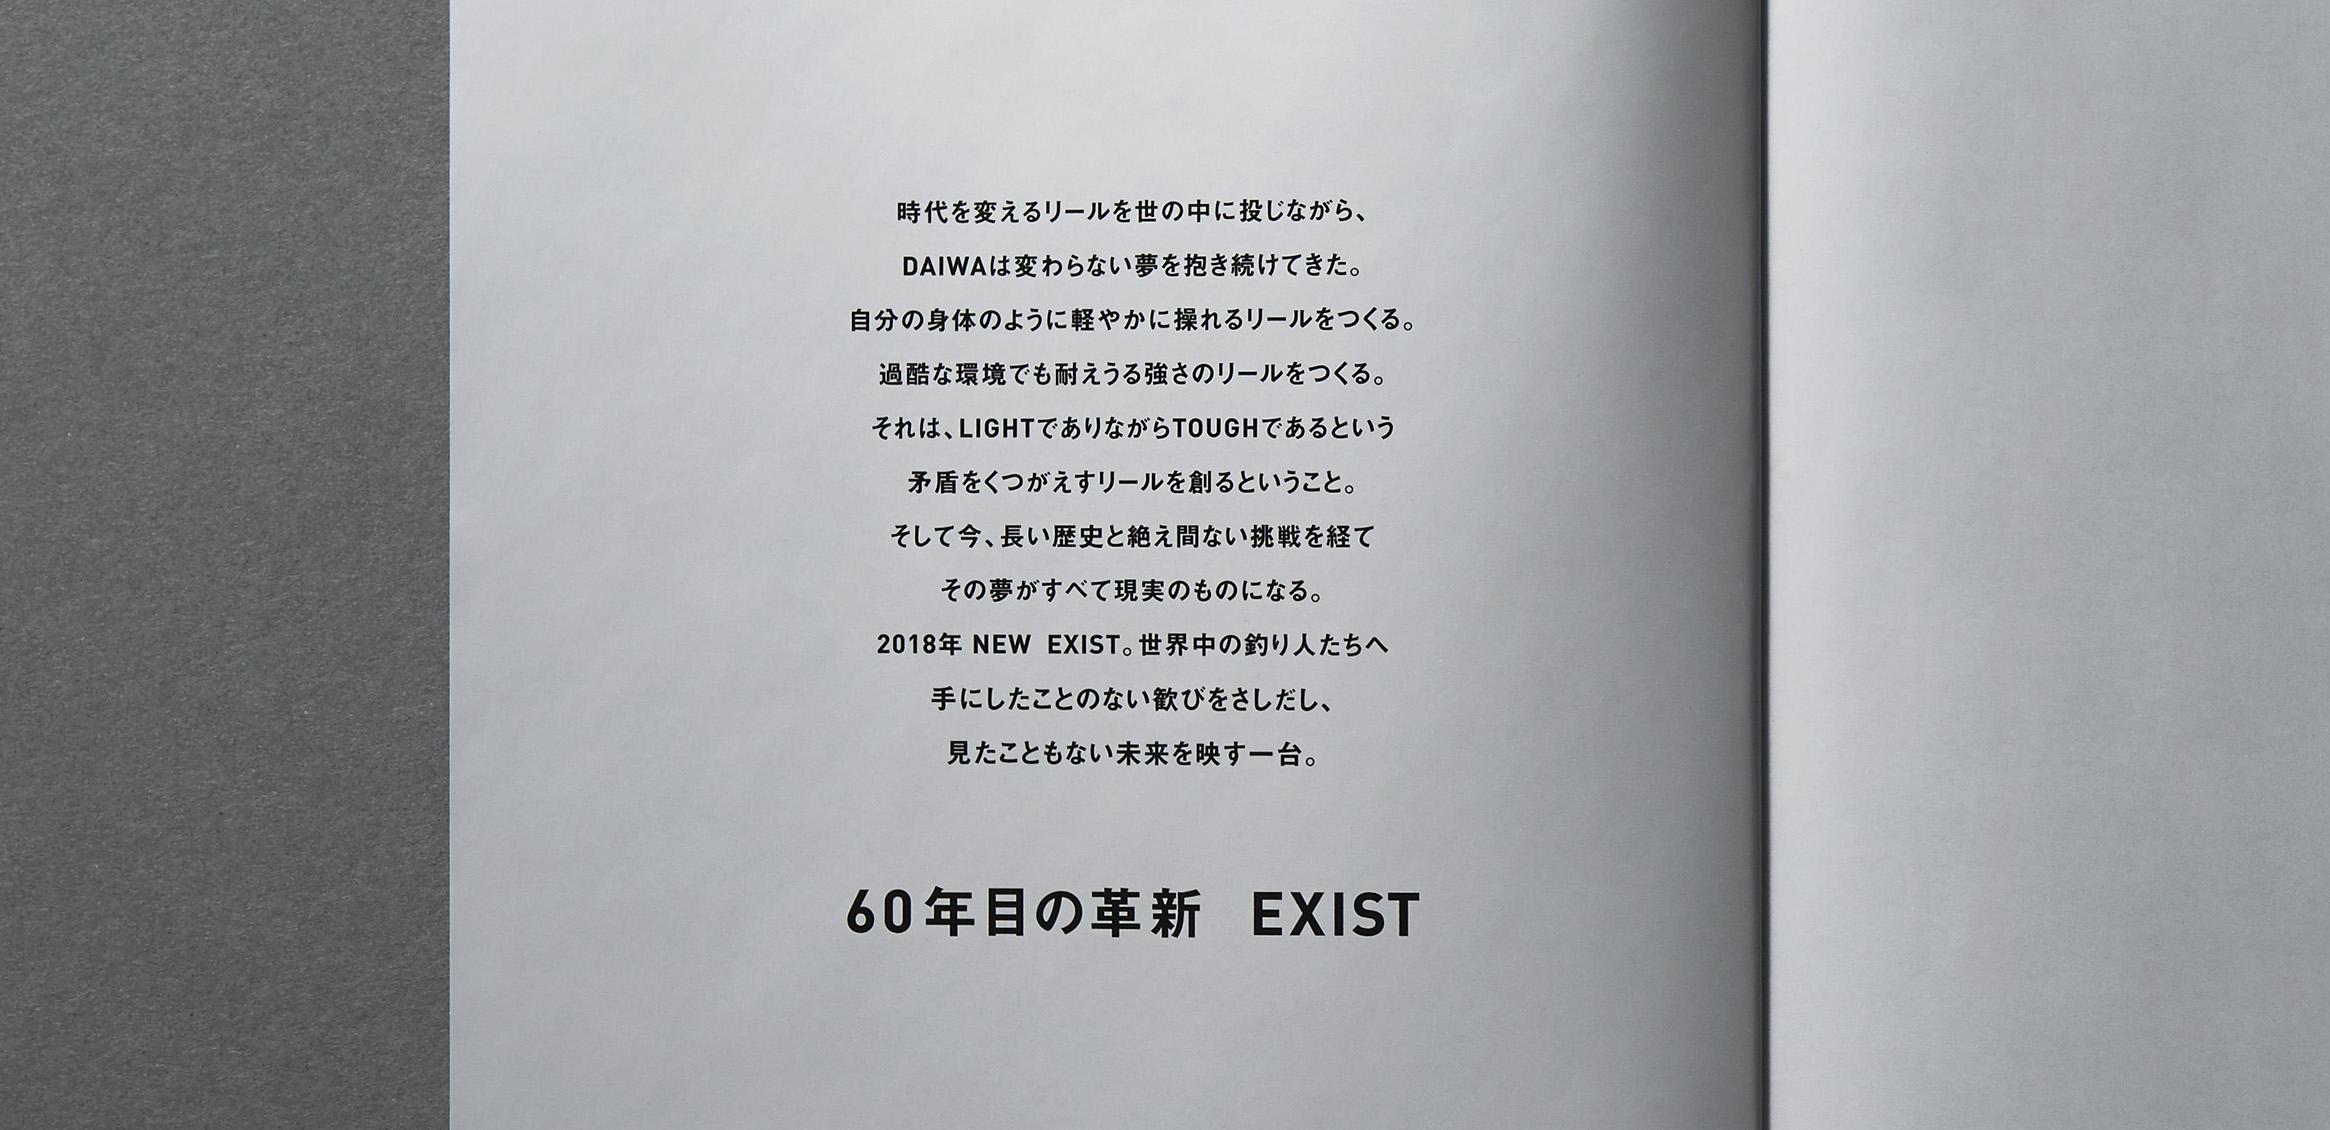 DAIWA 18EXIST 产品目录1枚目